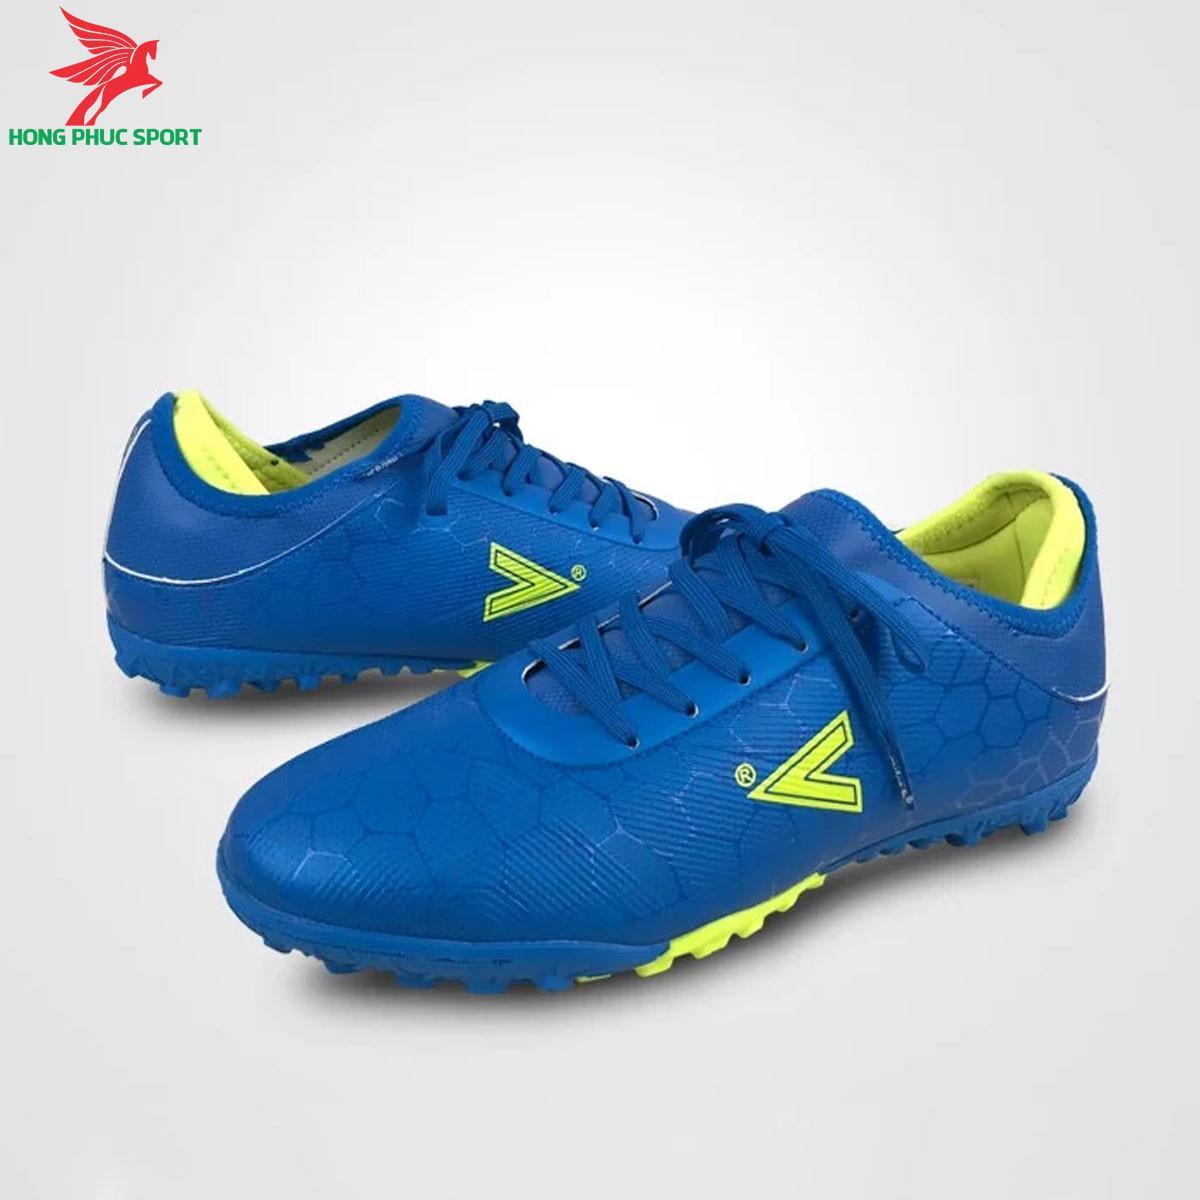 Giày đá banh Mitre 190420 màu xanh dương đế TF (1)